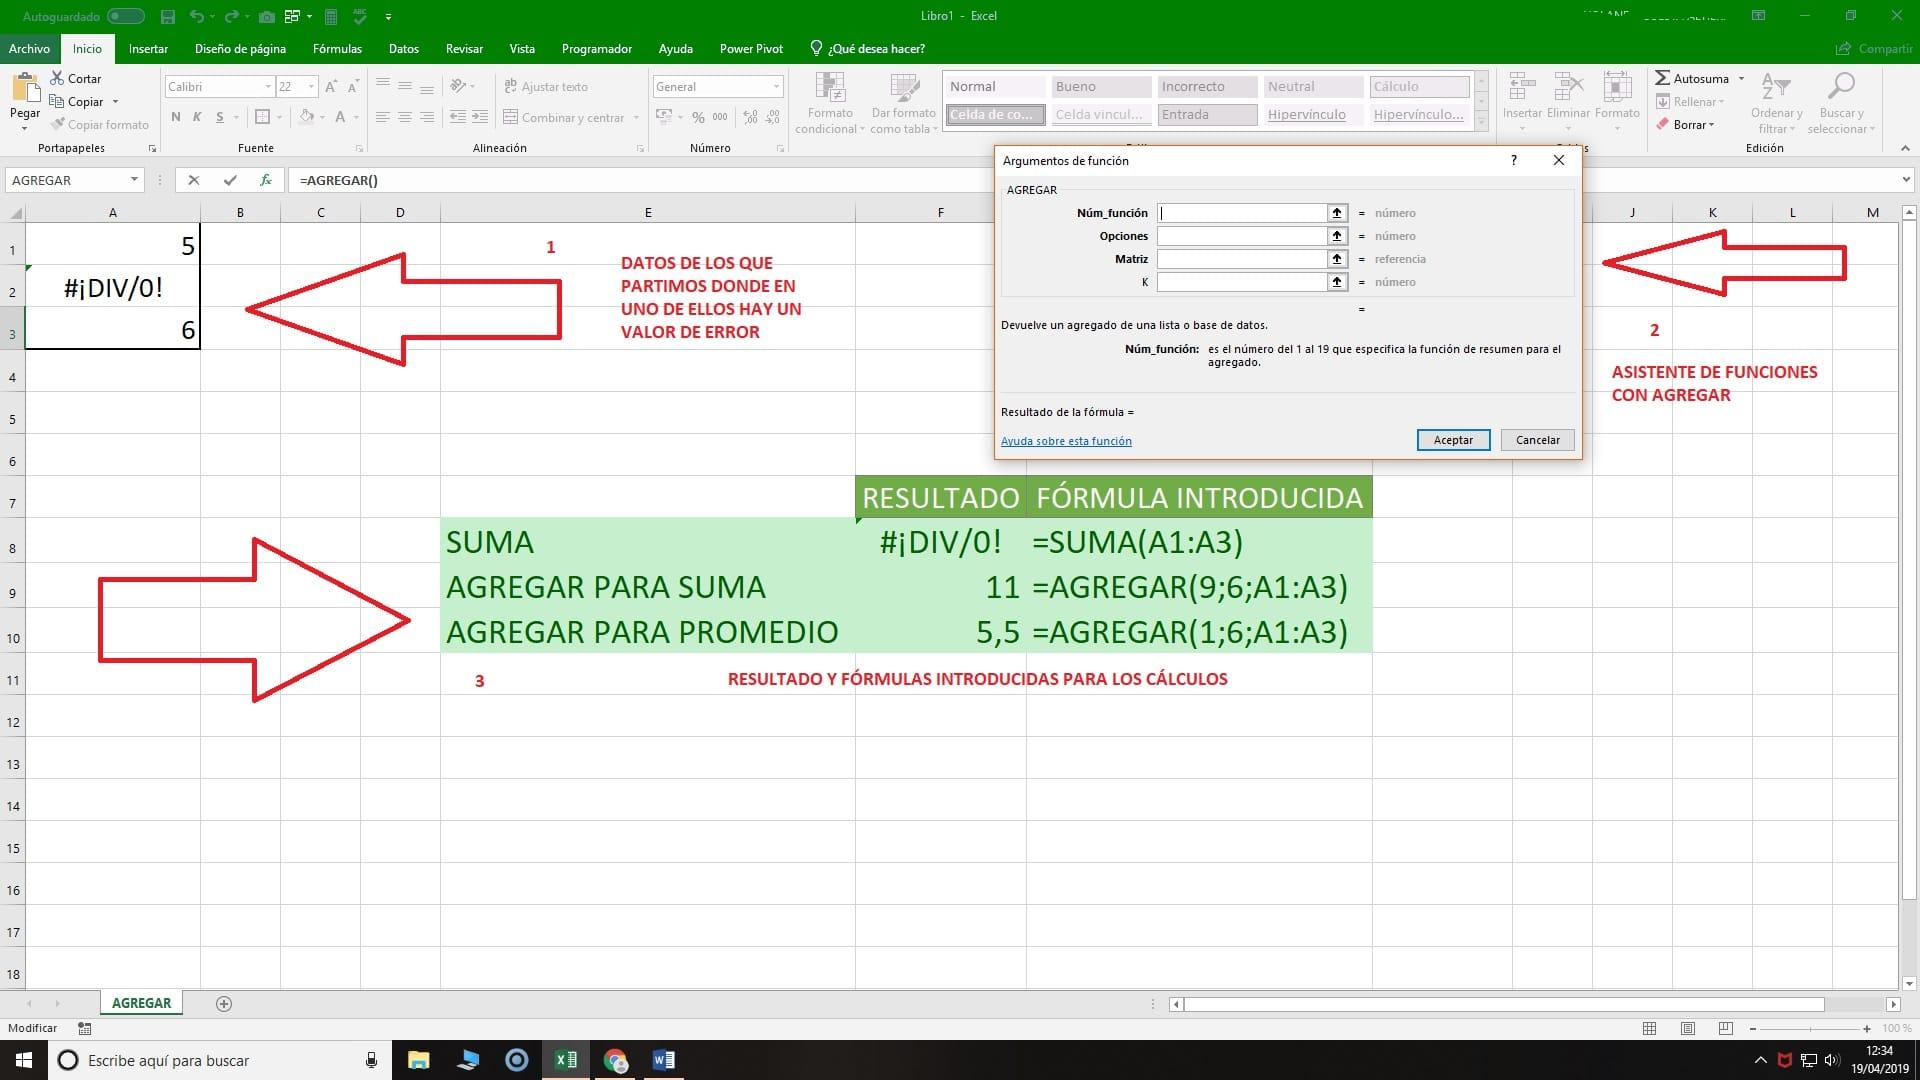 Función AGREGAR en Excel ejercicio y explicación